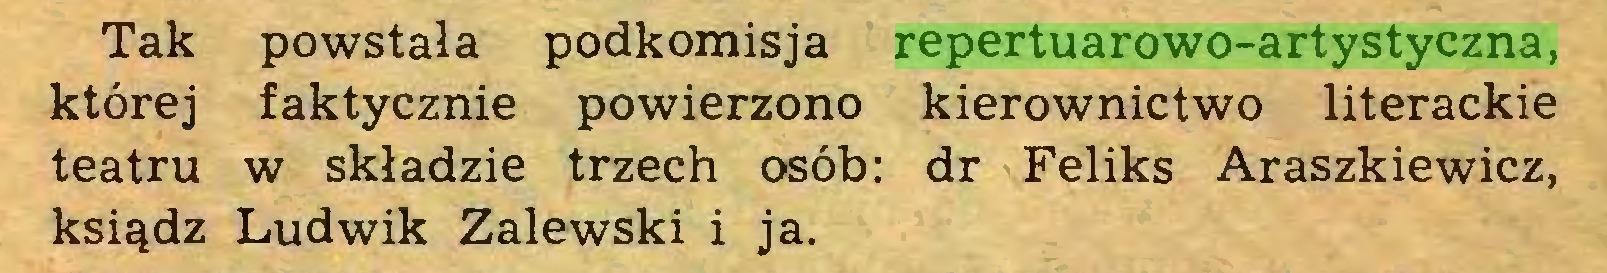 (...) Tak powstała podkomisja repertuarowo-artystyczna, której faktycznie powierzono kierownictwo literackie teatru w składzie trzech osób: dr Feliks Araszkiewicz, ksiądz Ludwik Zalewski i ja...